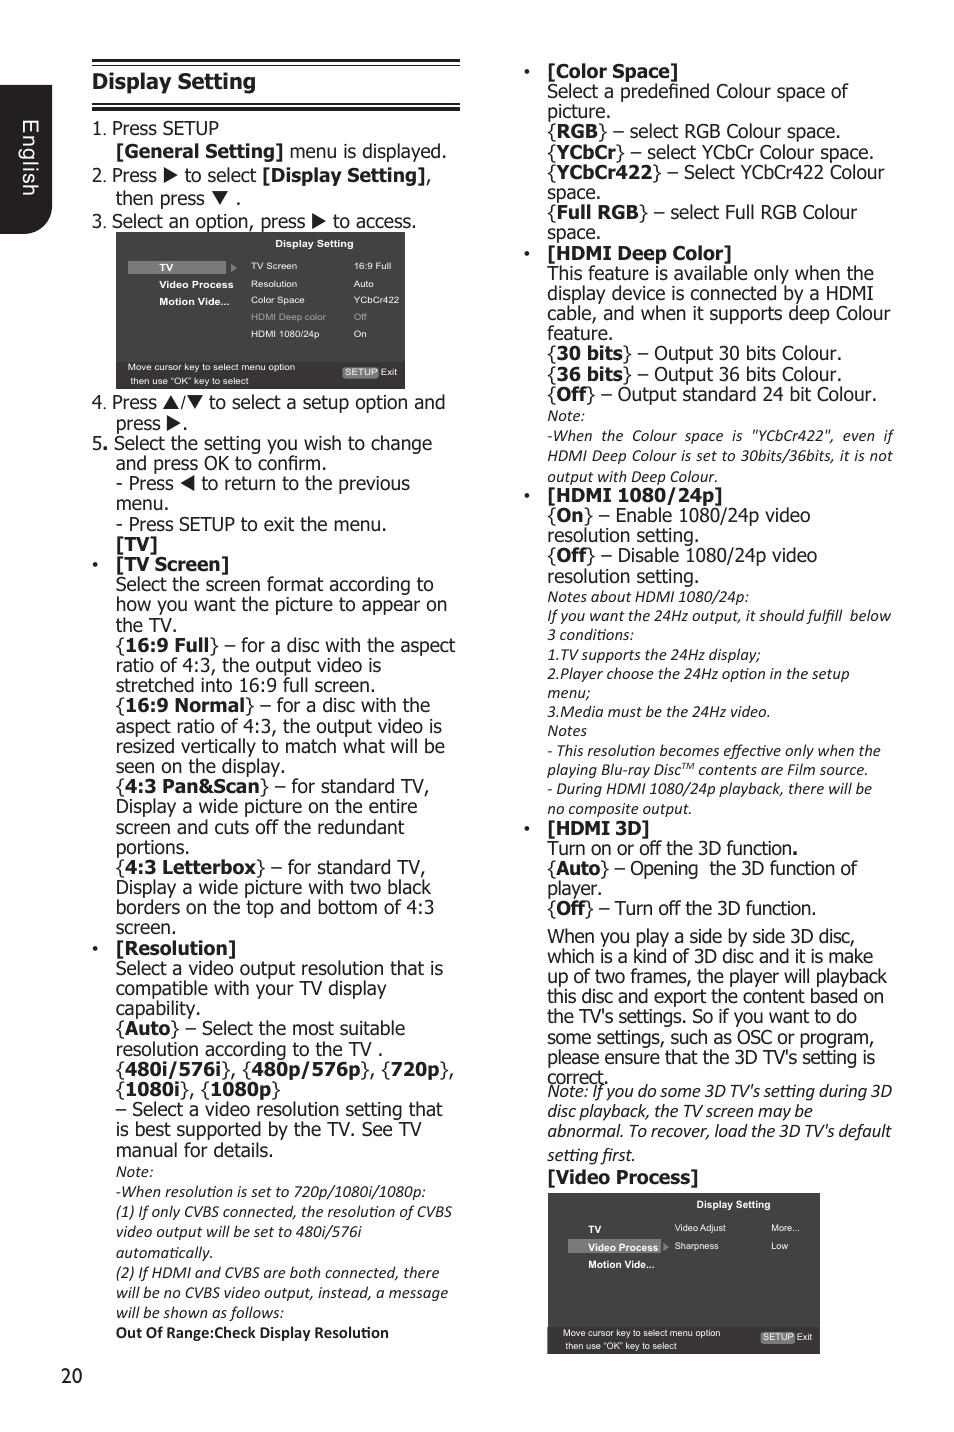 0 e ng lis h display setting | Toshiba BDX3200 User Manual